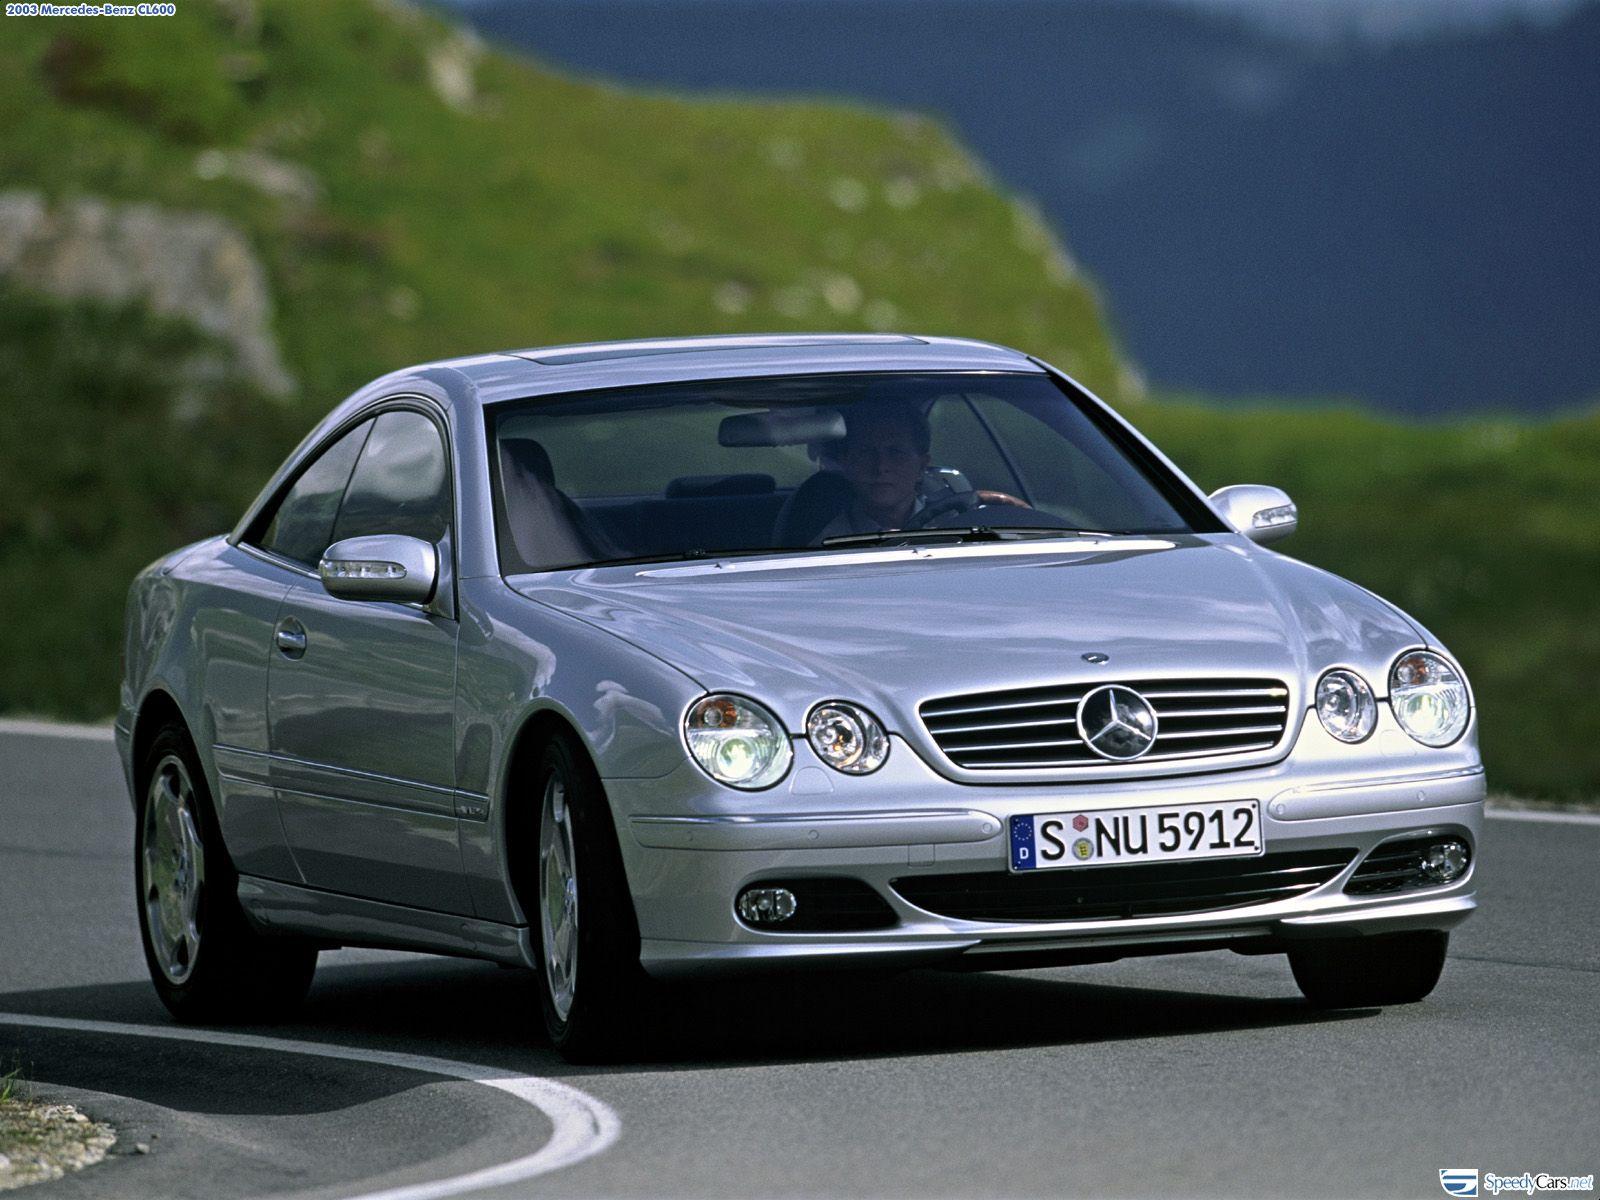 Mercedes benz cl class w215 picture 4517 mercedes benz for Mercedes benz cl class